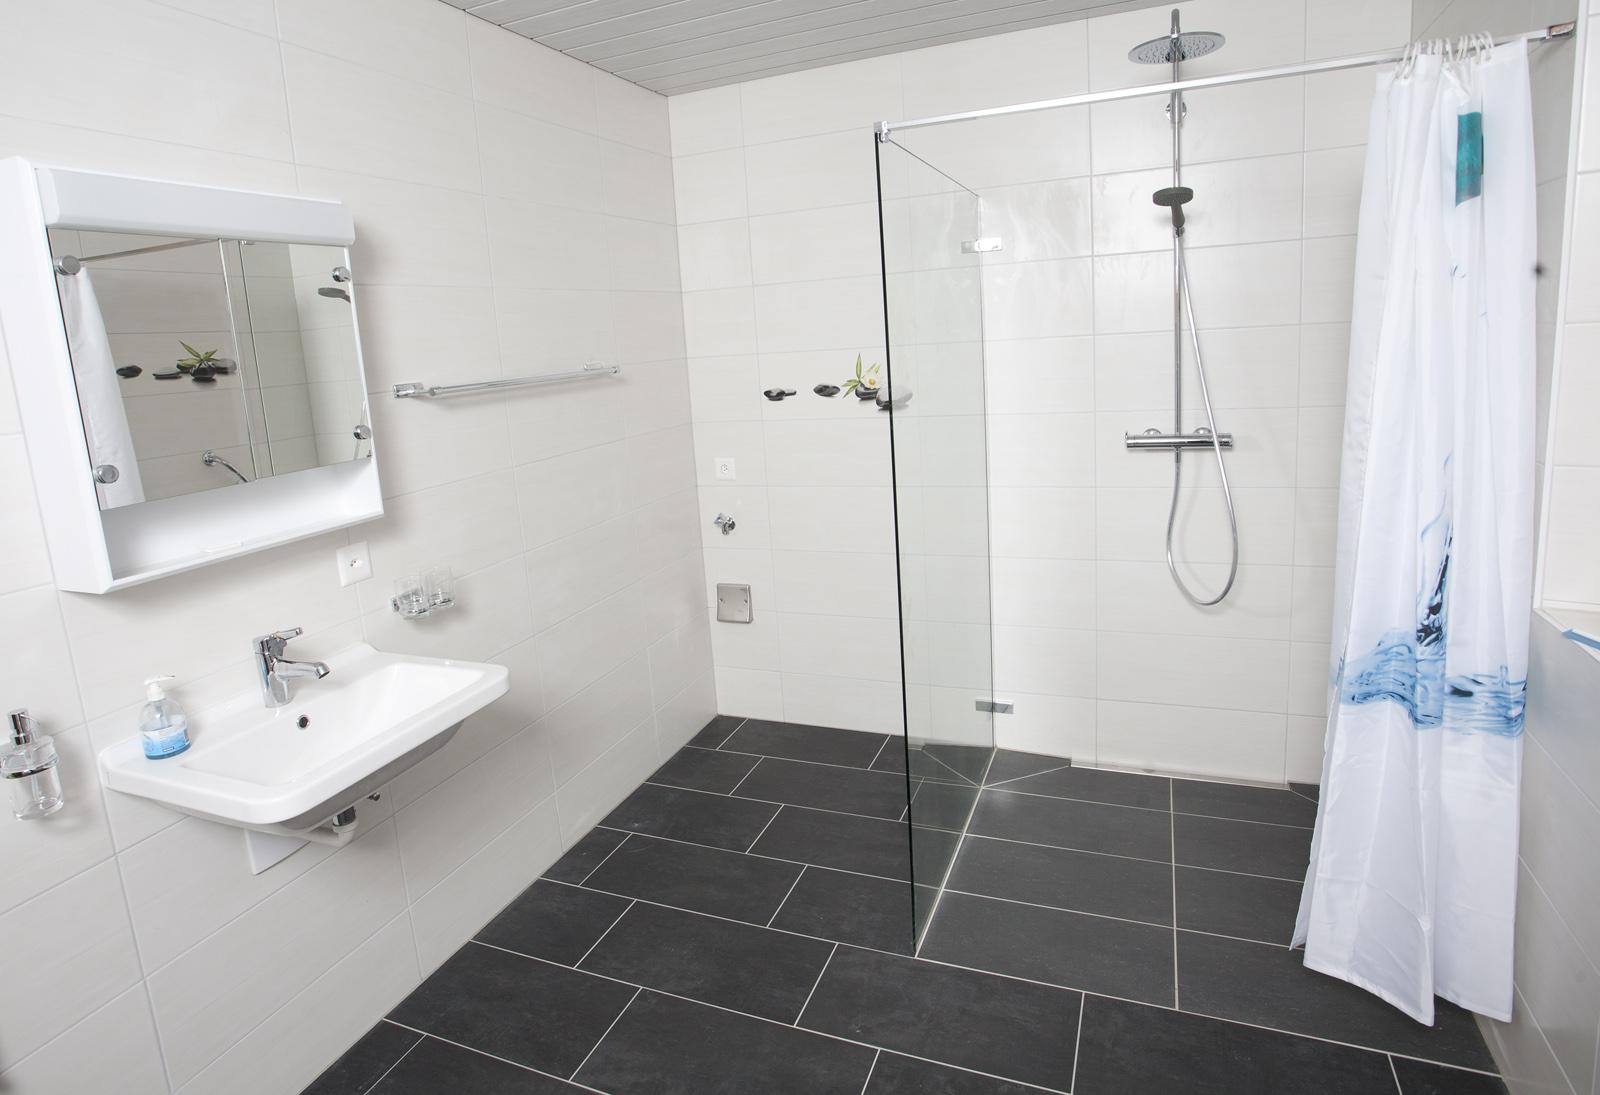 rooms maison d h tes d exception pour se ressourcer. Black Bedroom Furniture Sets. Home Design Ideas